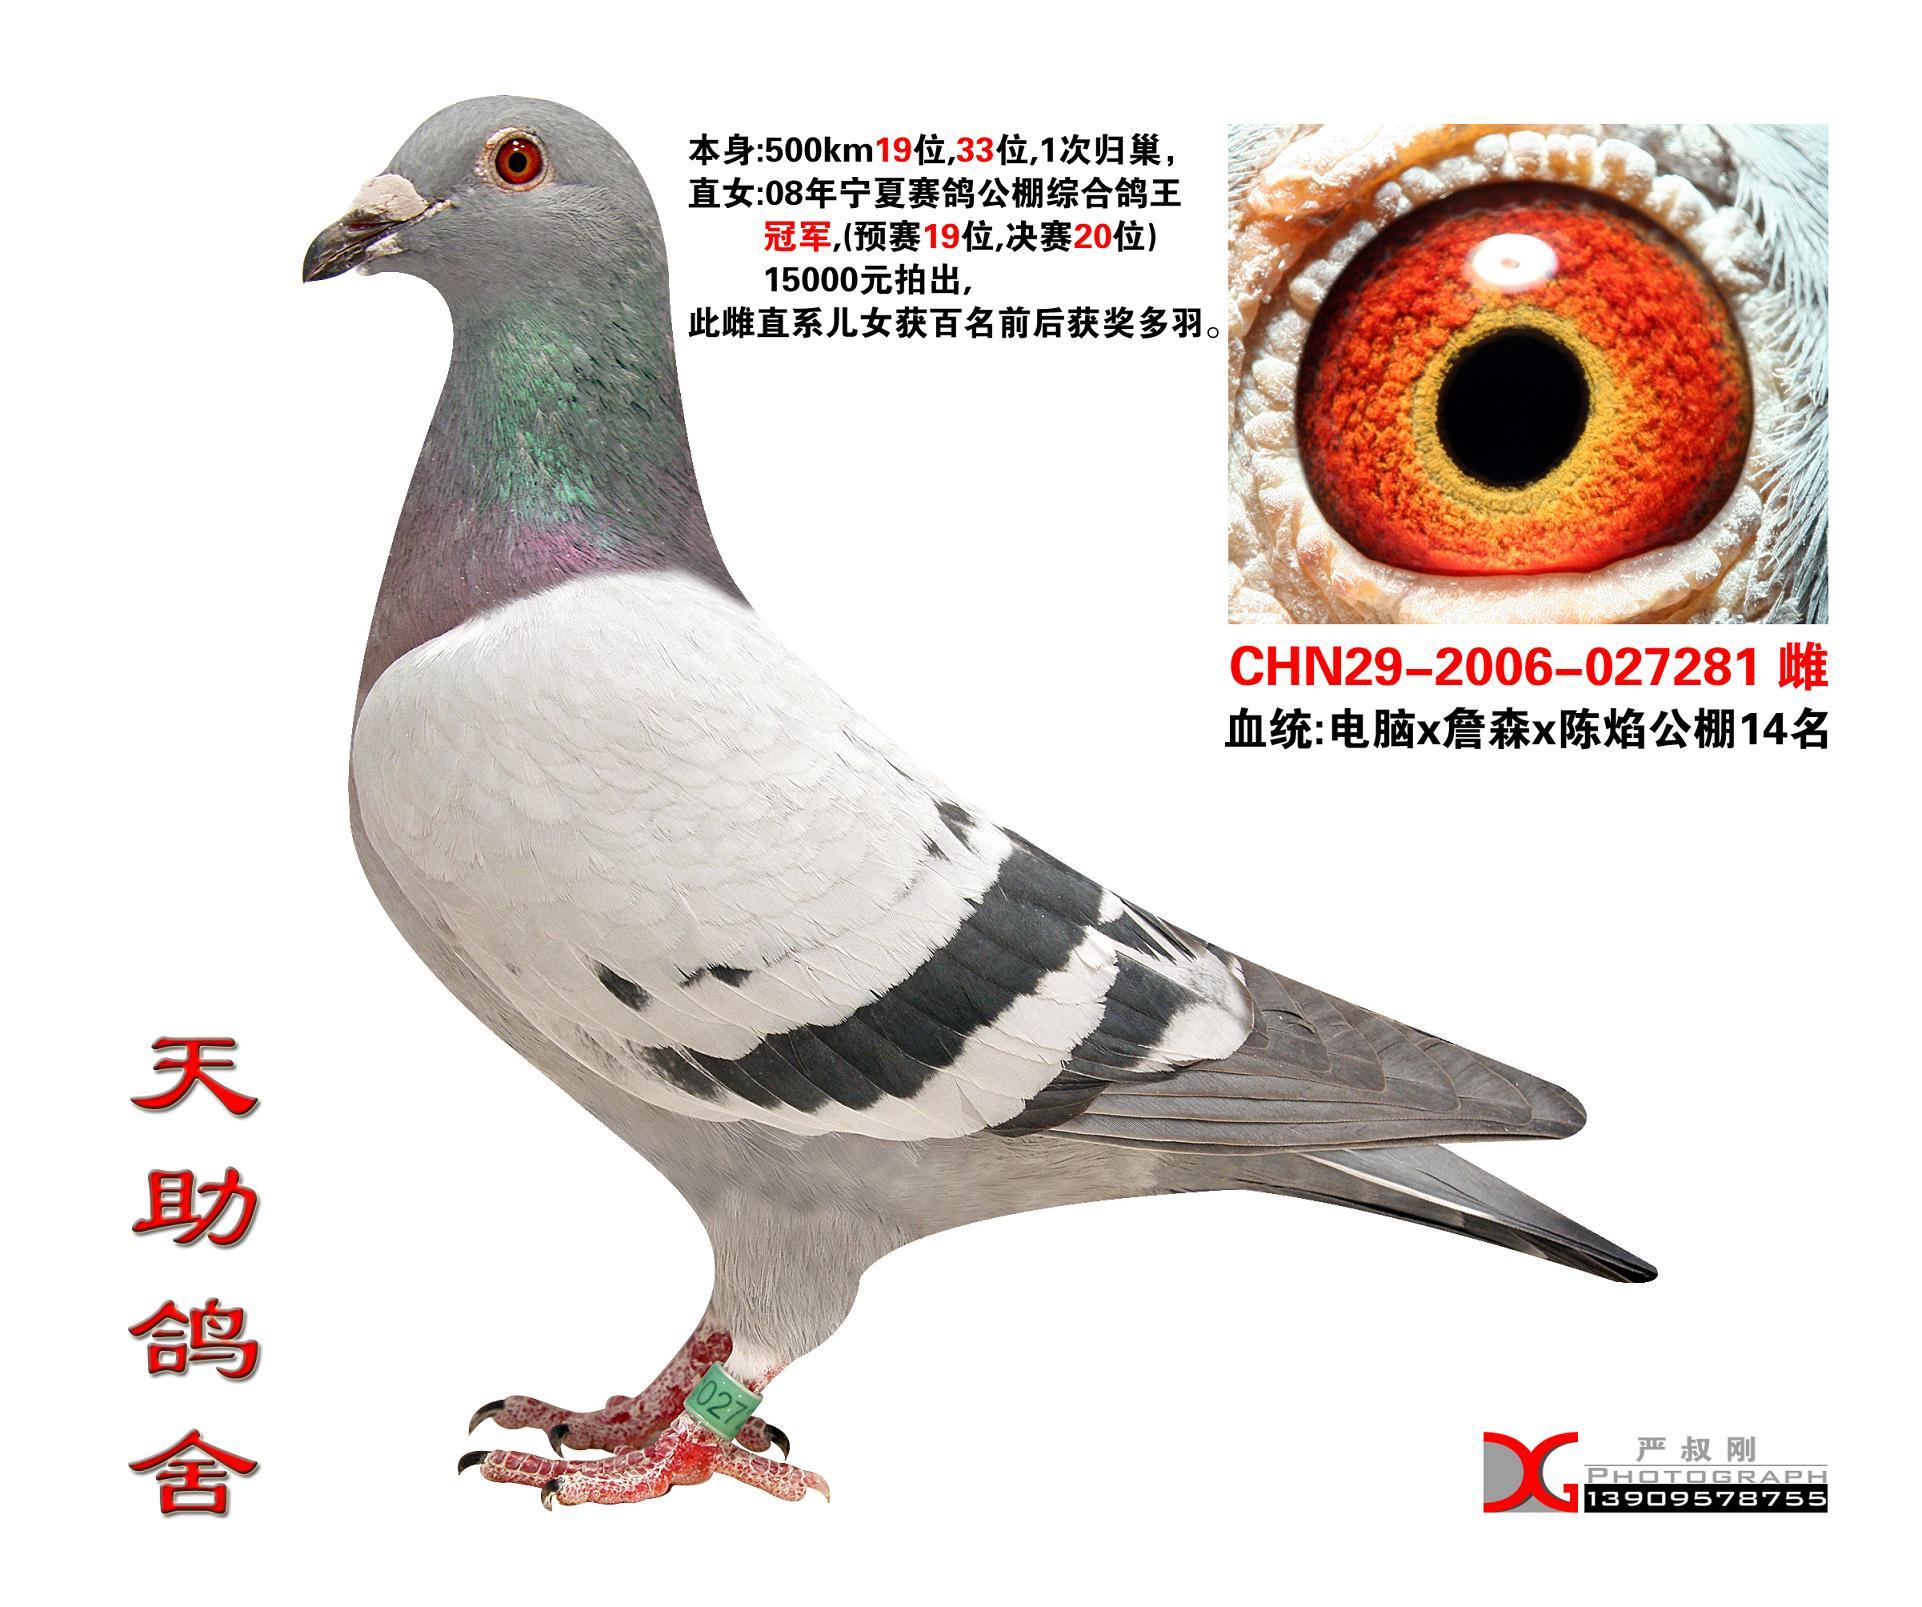 信鸽特征-电脑公棚鸽王冠军母